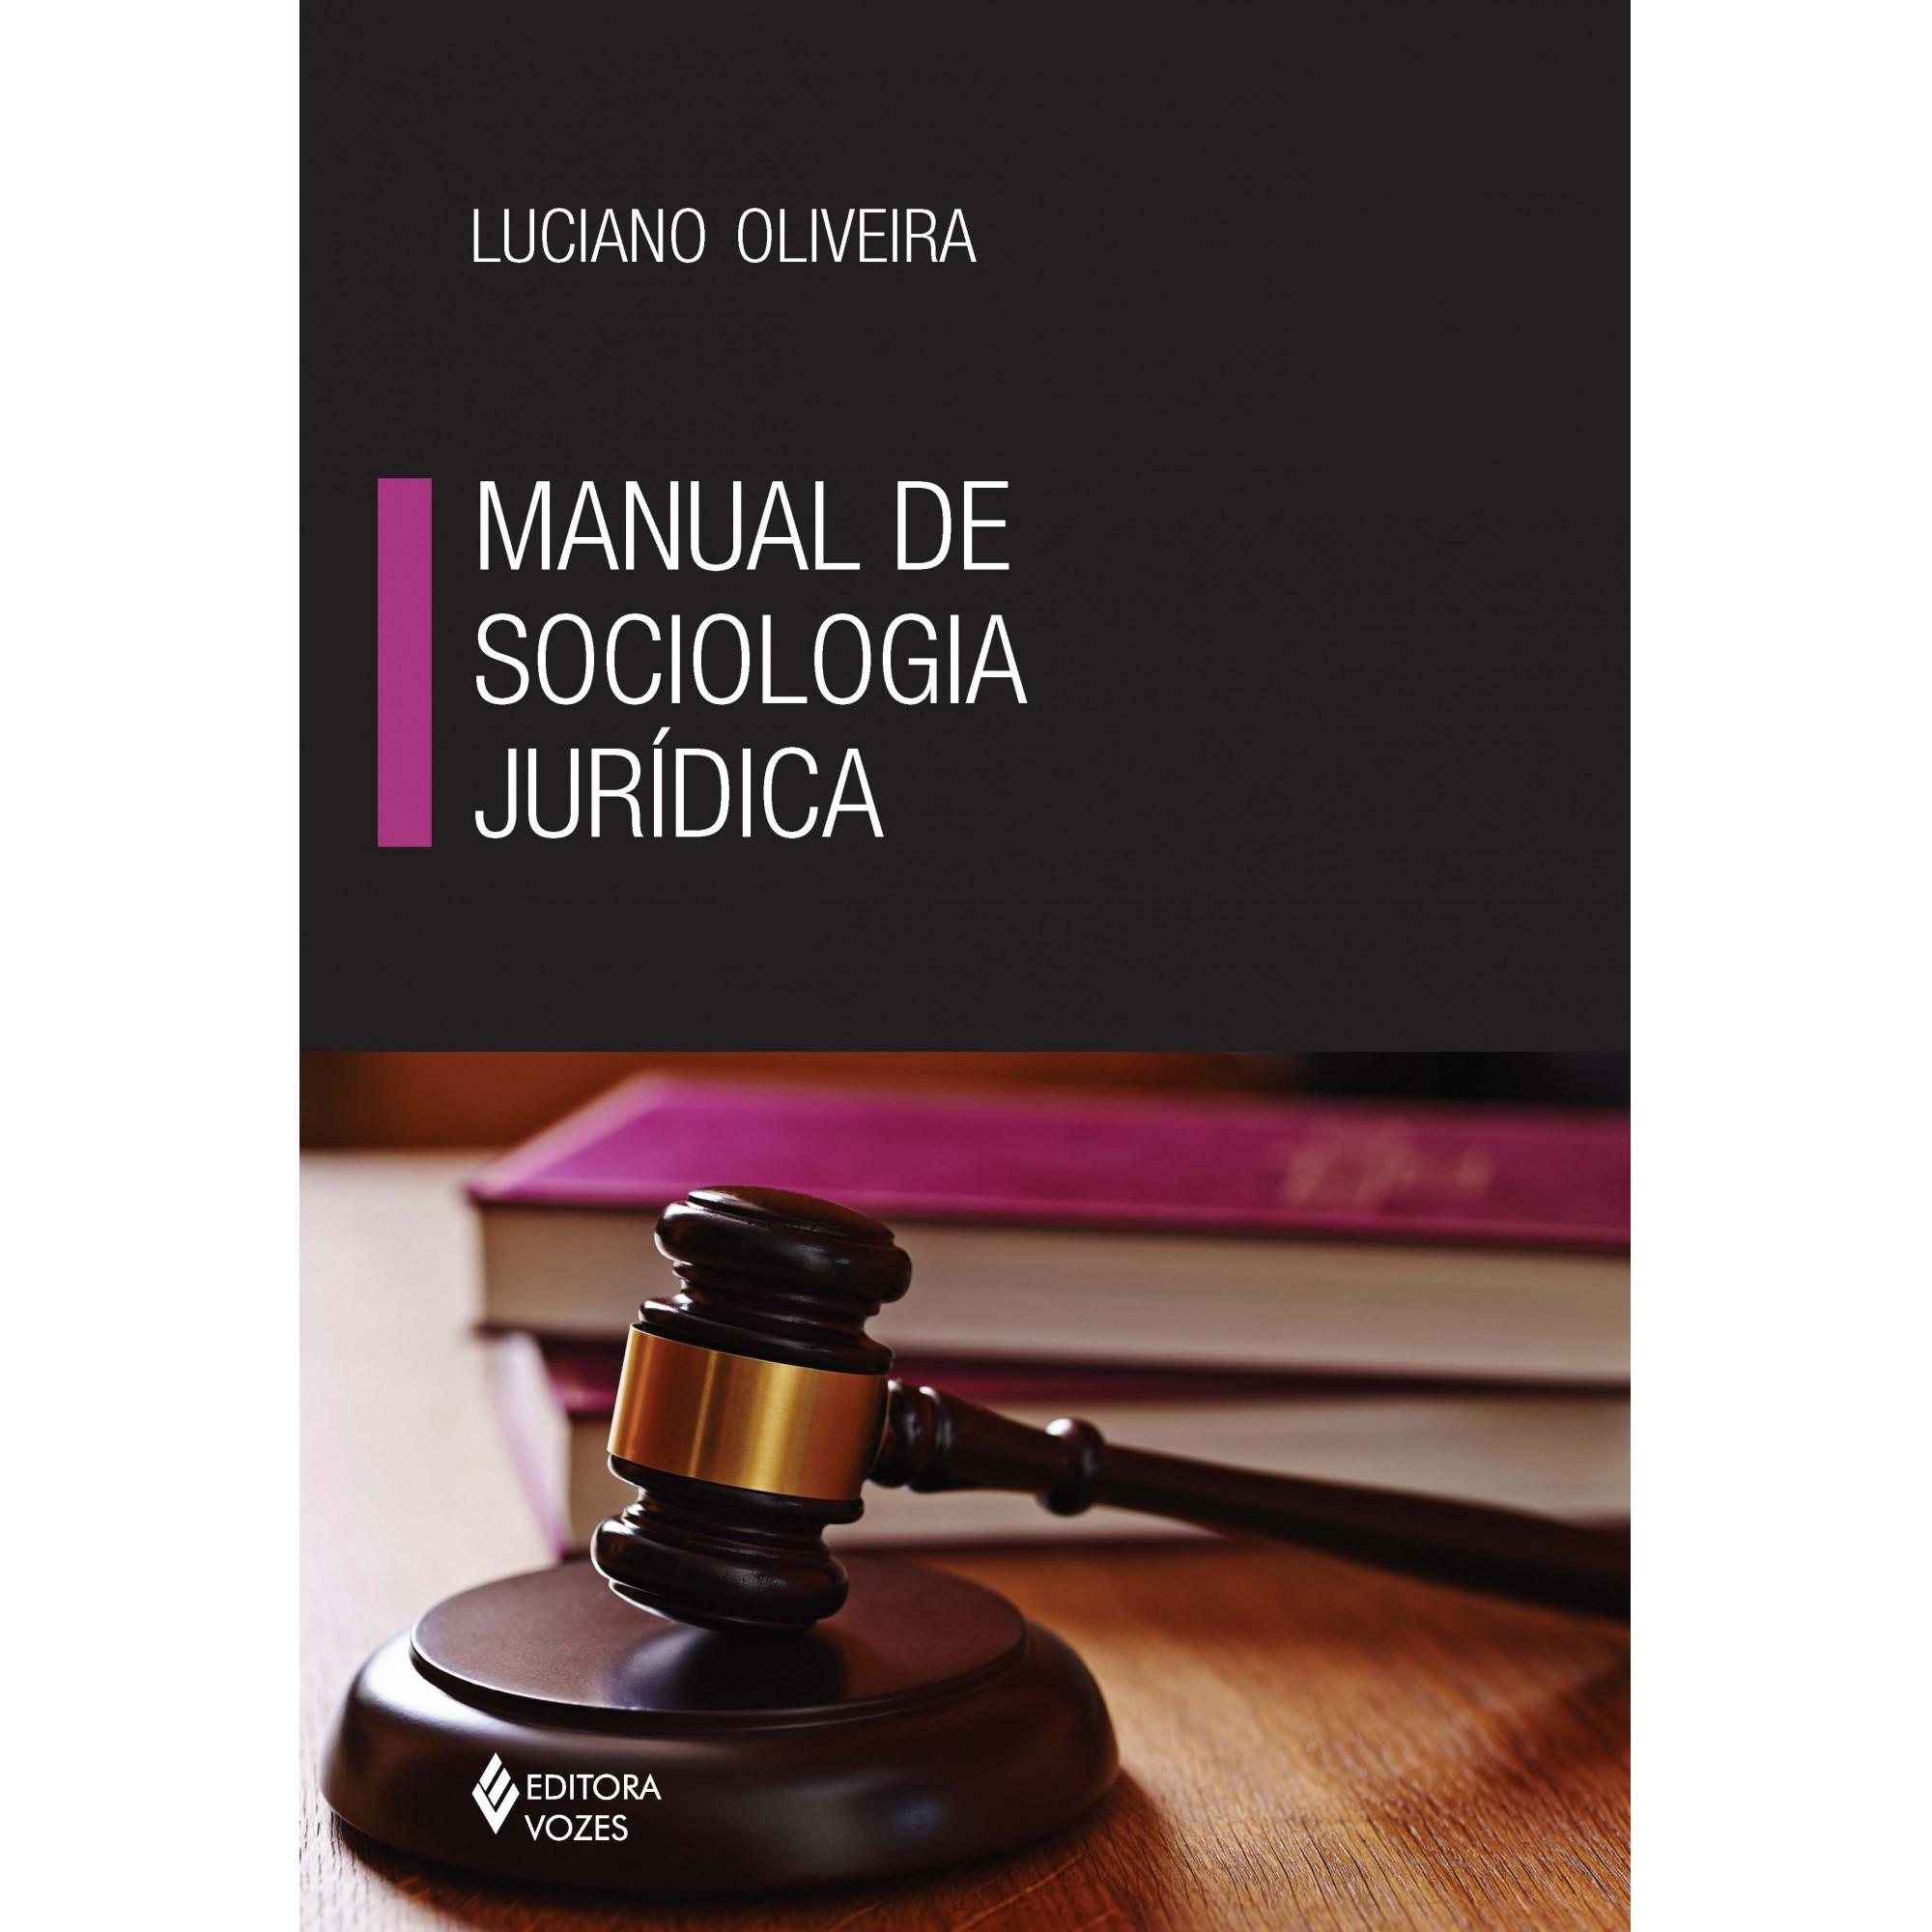 MANUAL DE SOCIOLOGIA JURÍDICA